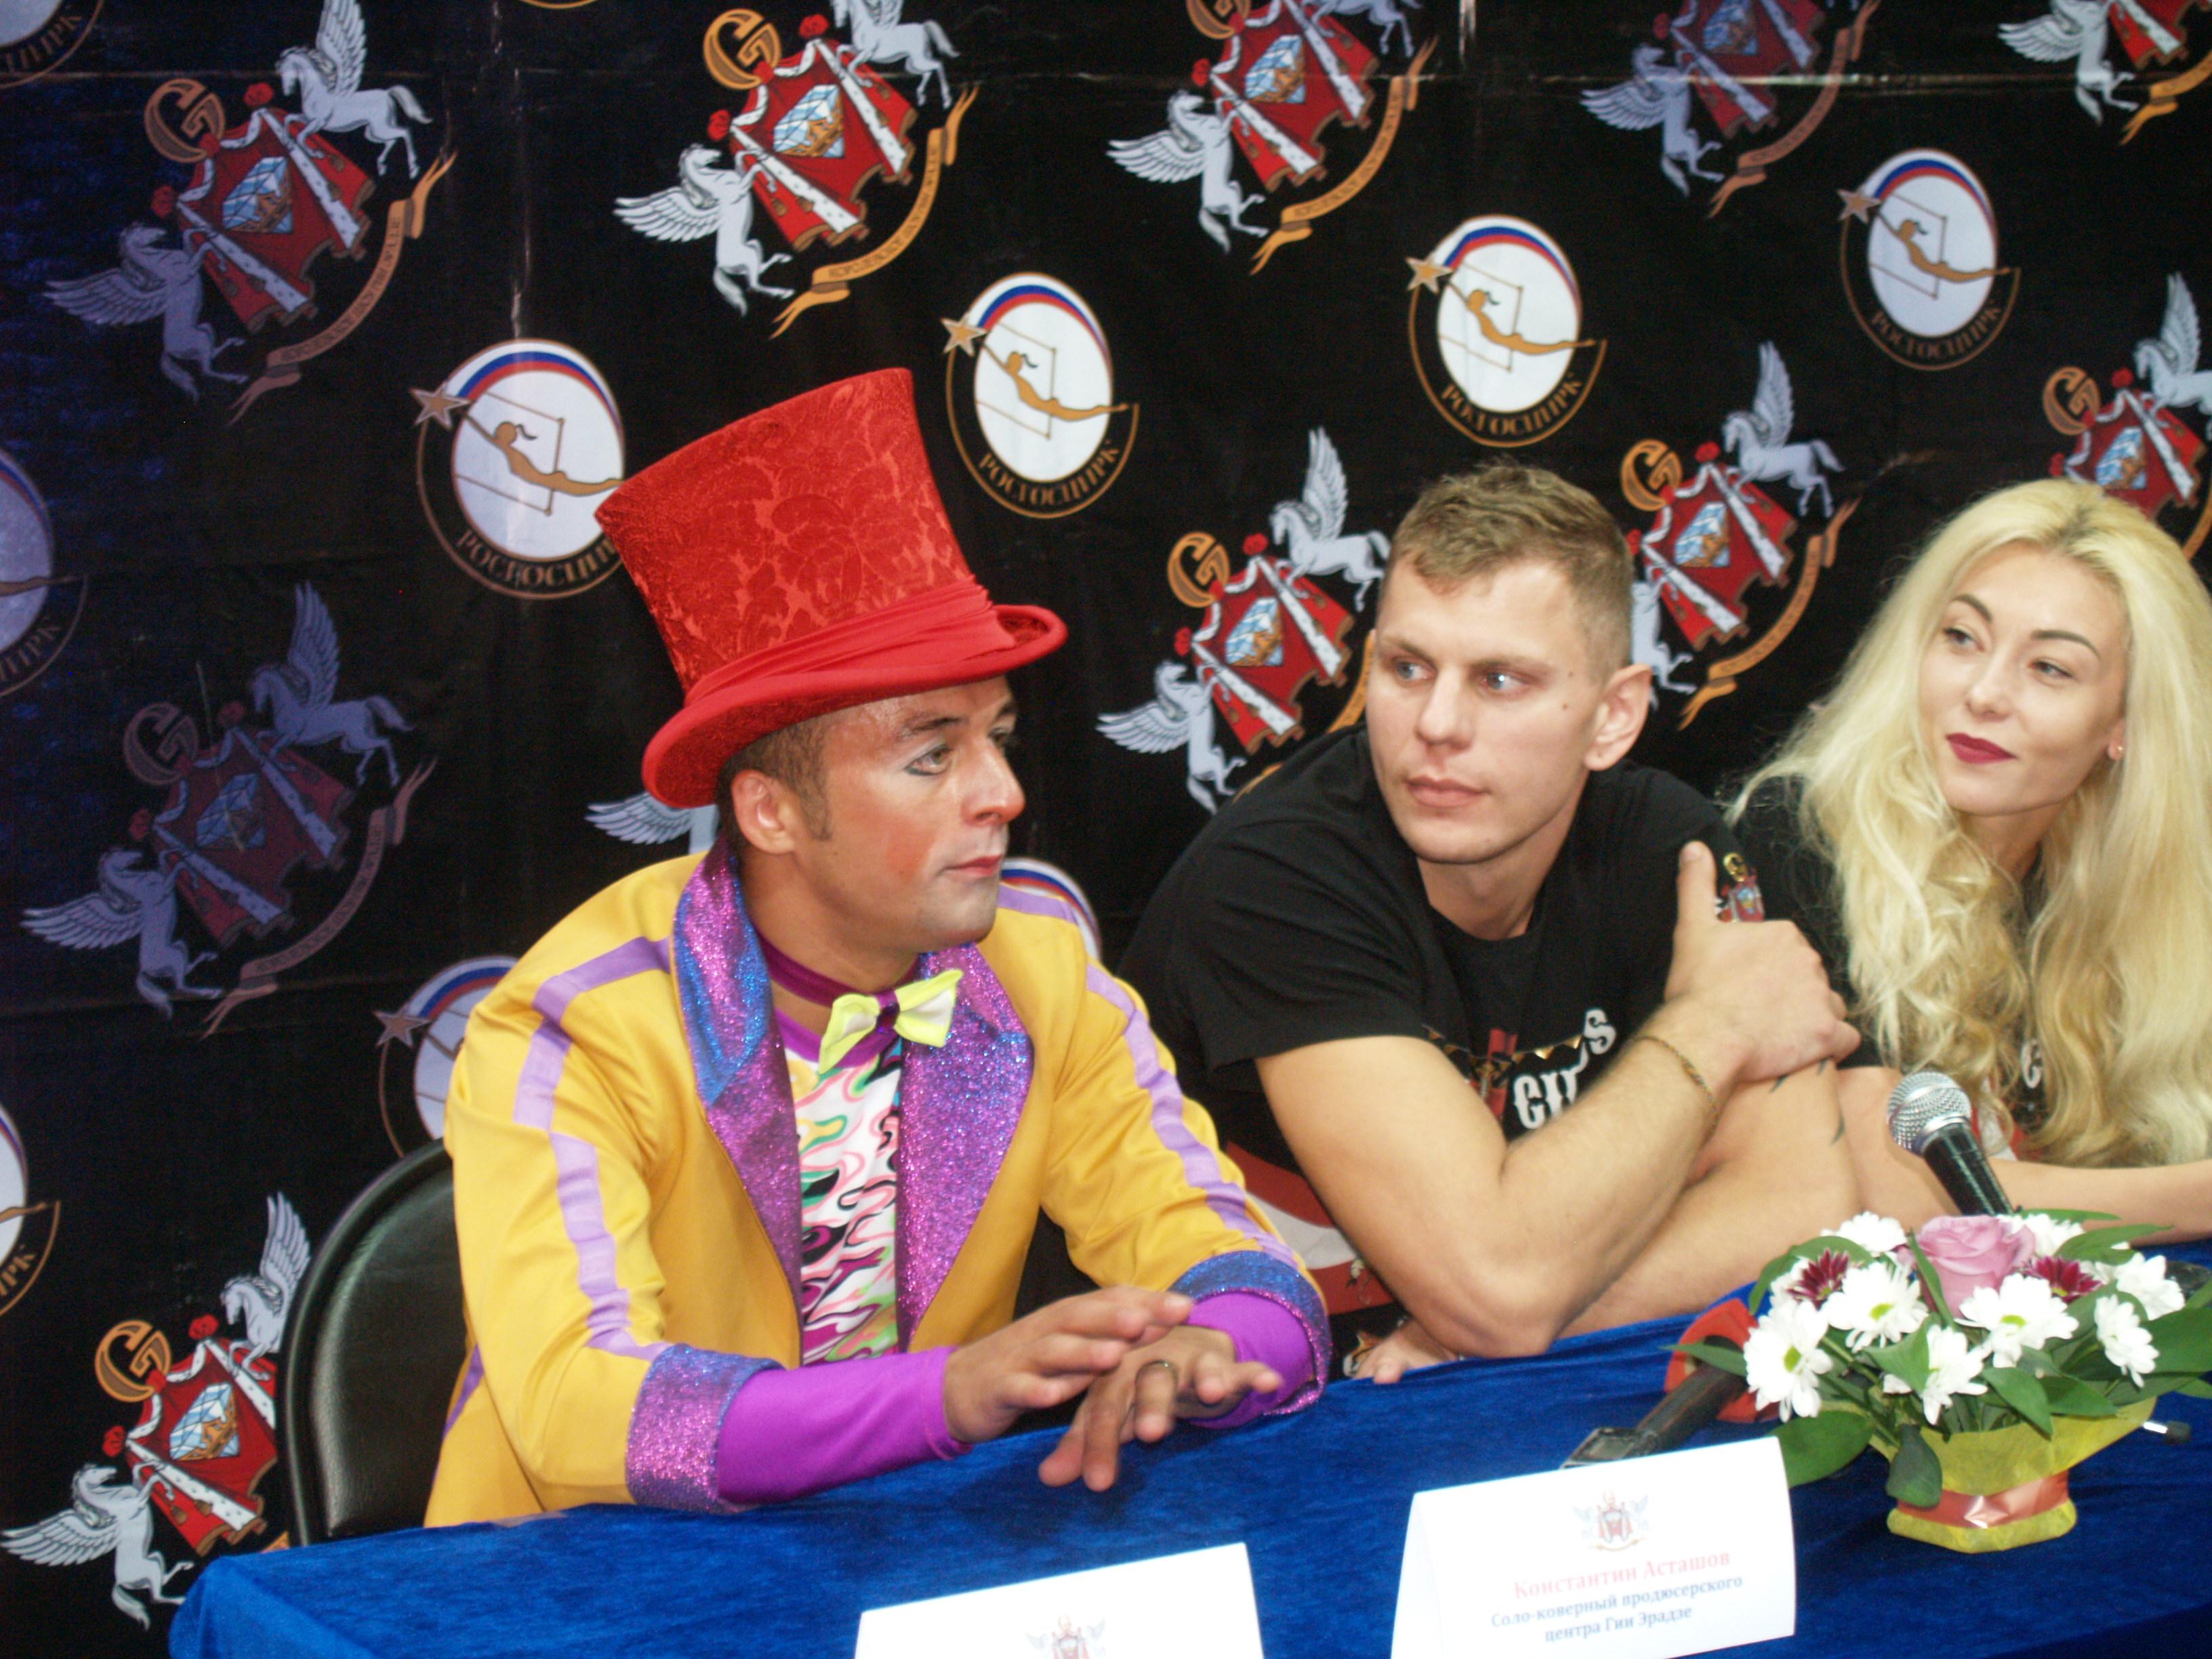 В цирковой труппе Гии Эрадзе, приехавшей на гастроли в Челябинск, выступает 27-летний артист Конс